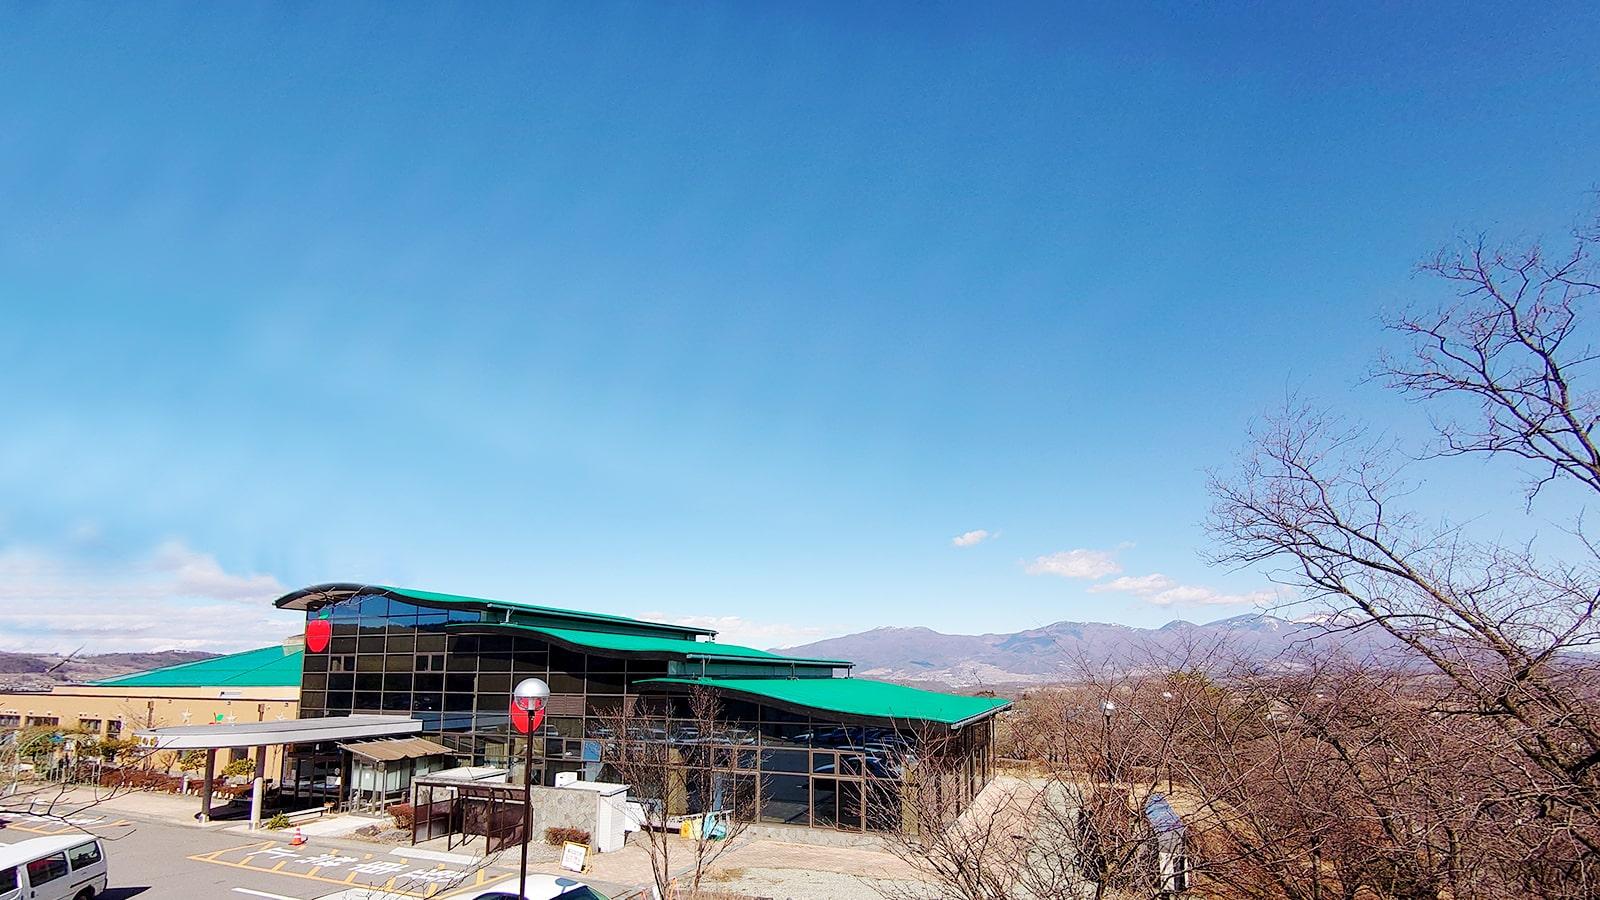 浅間山の山塊を背に高地に建つ温泉施設:立科温泉 権現の湯